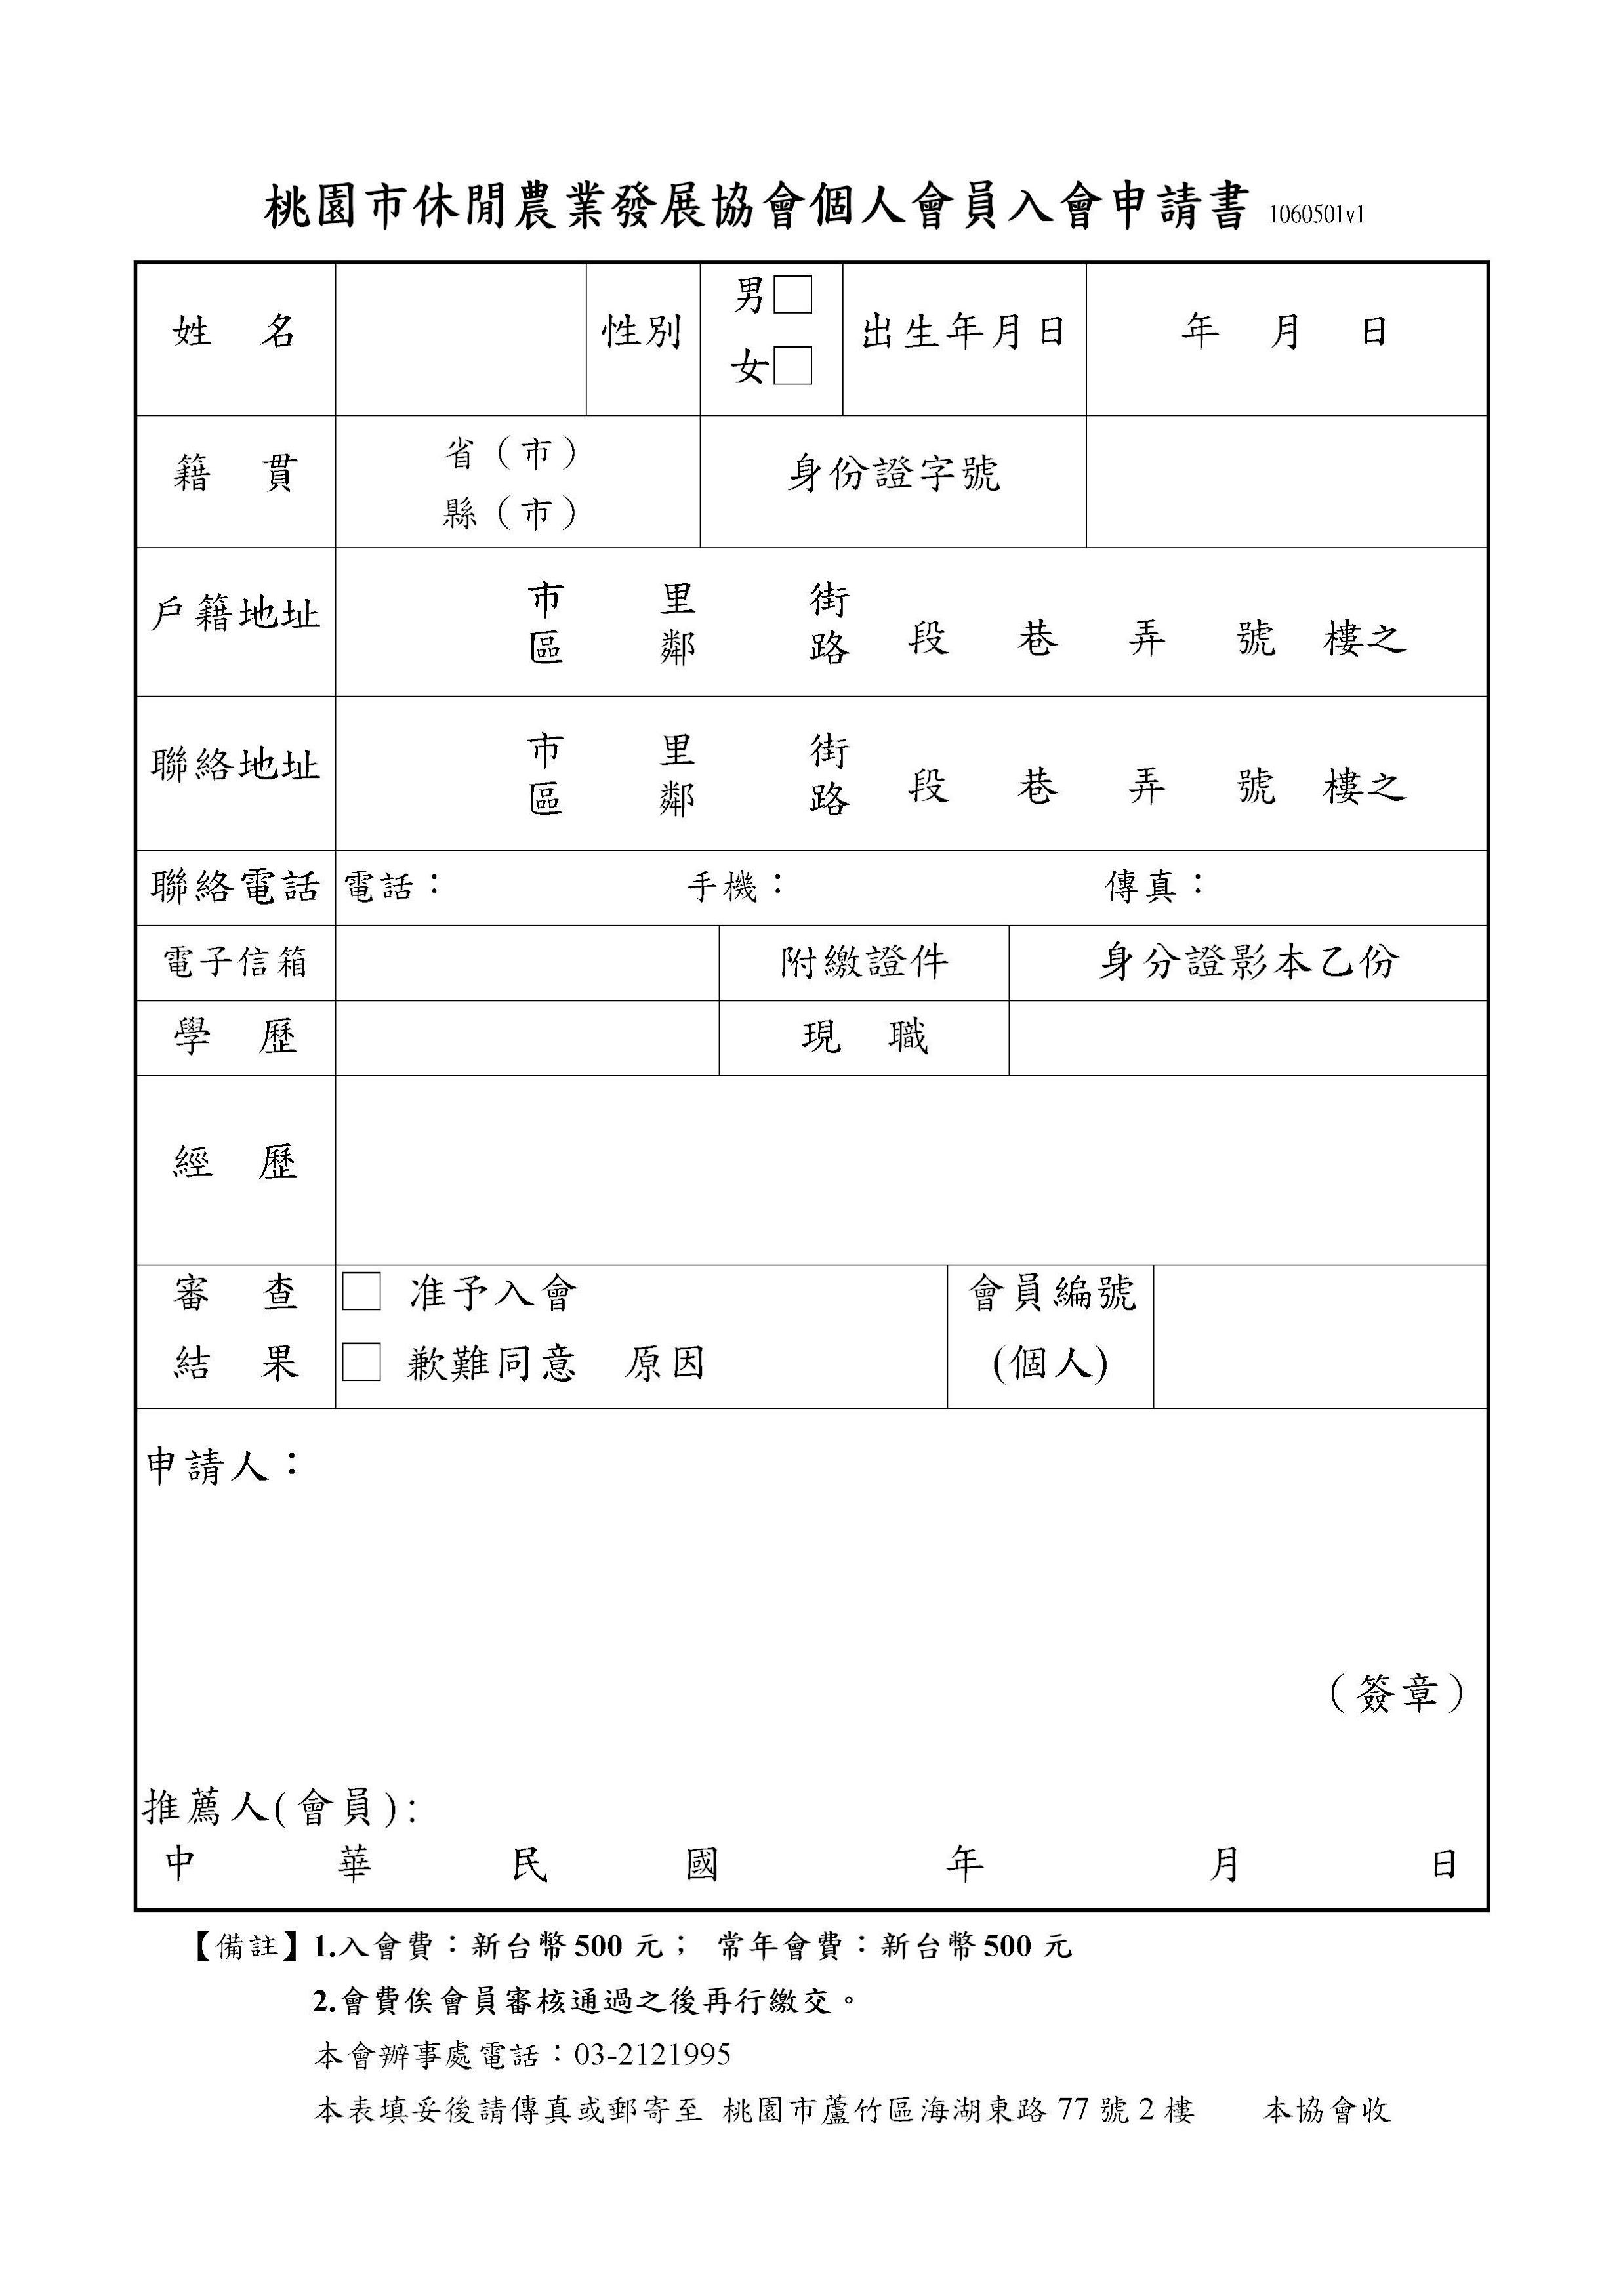 個人會員入會申請書 1060501v1